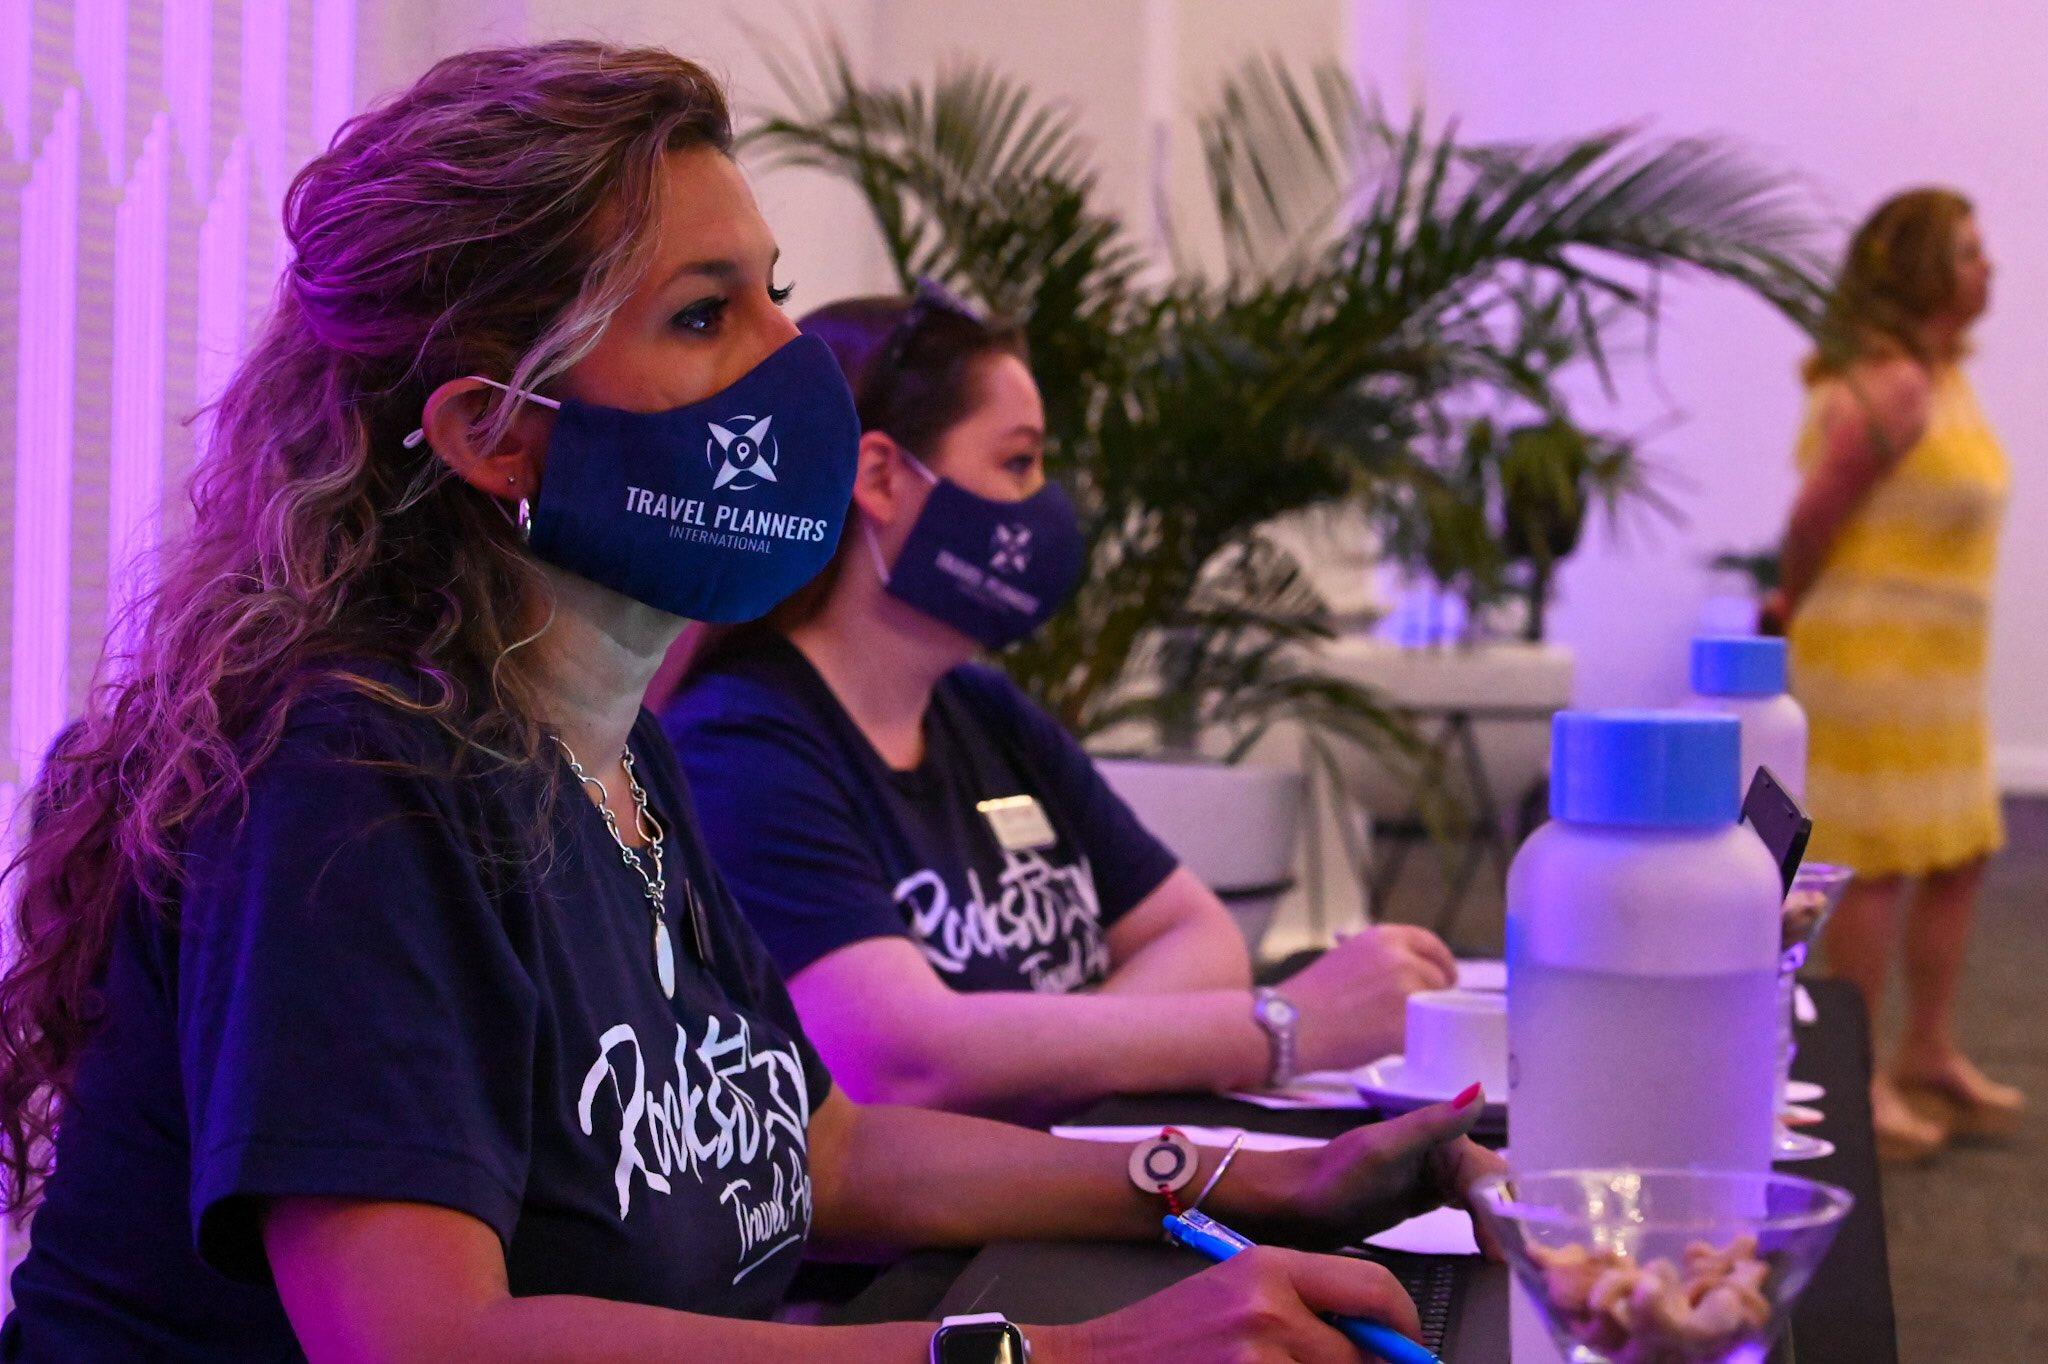 Propietarios de agencias de viajes se reúnen en Punta Cana